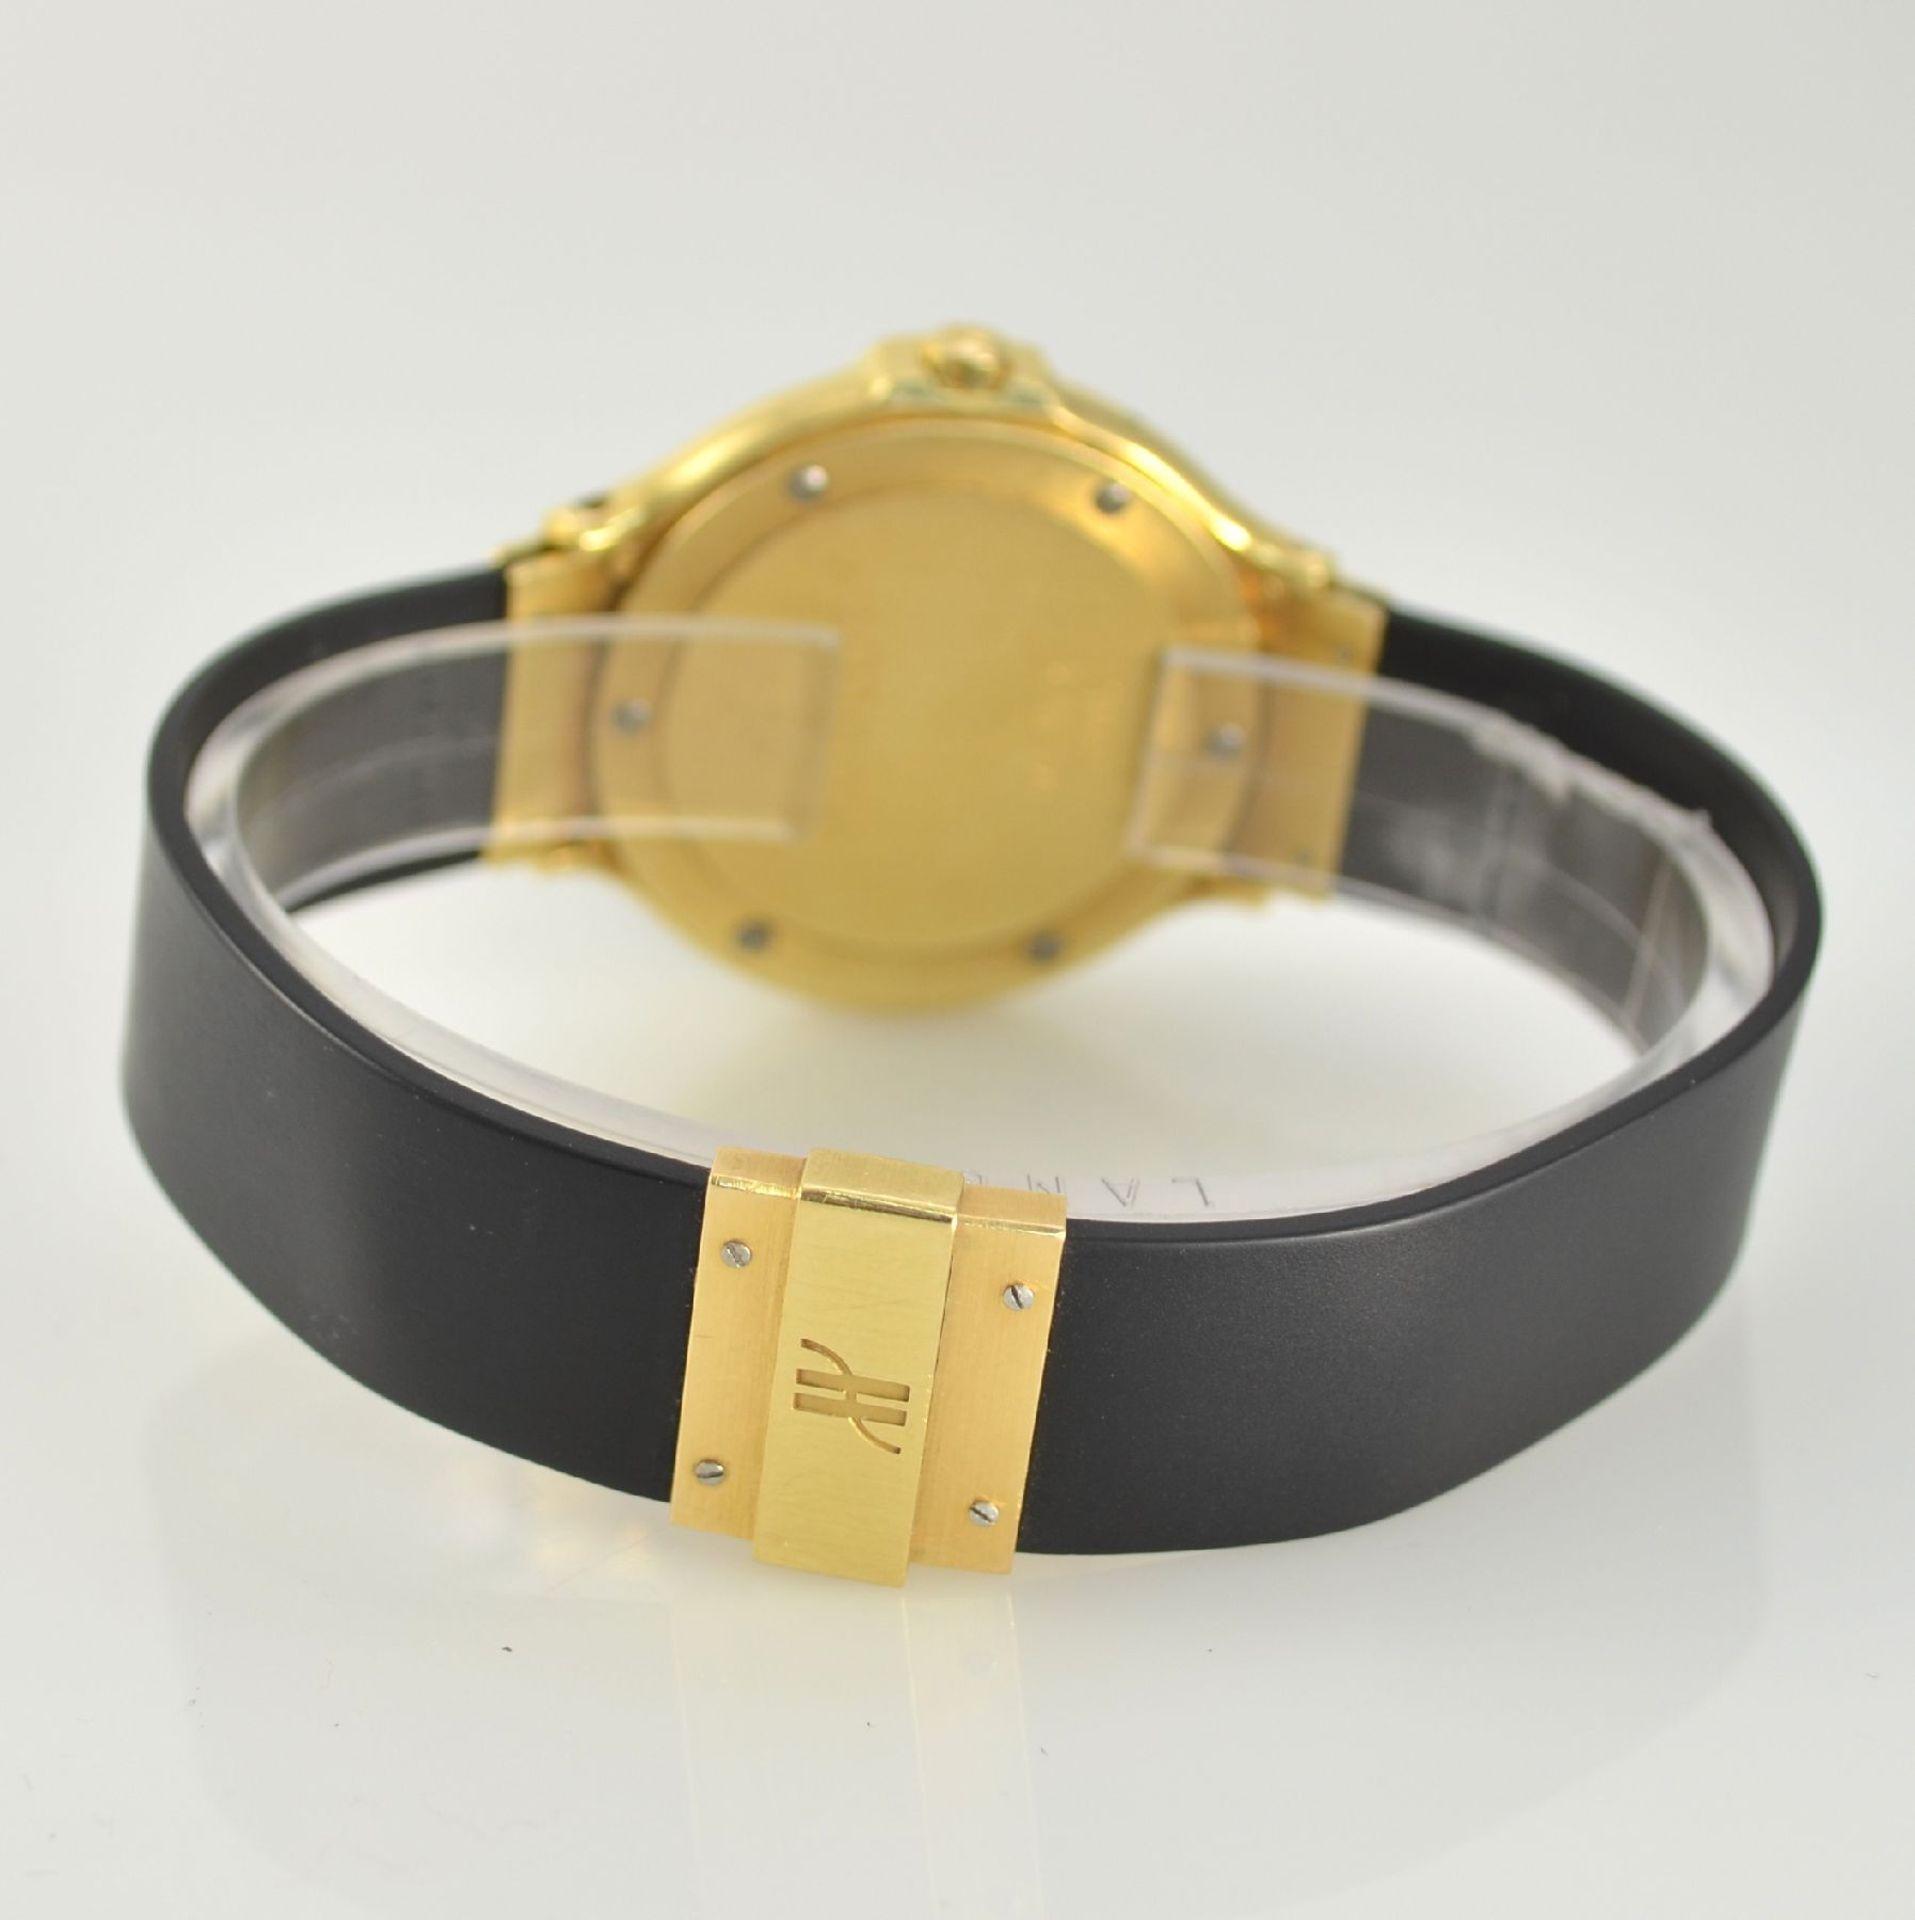 HUBLOT MDM Armbanduhr in GG 750/000, Schweiz um 1995, quarz, Ref. 140.10.3, massives Goldgeh., Boden - Bild 6 aus 7